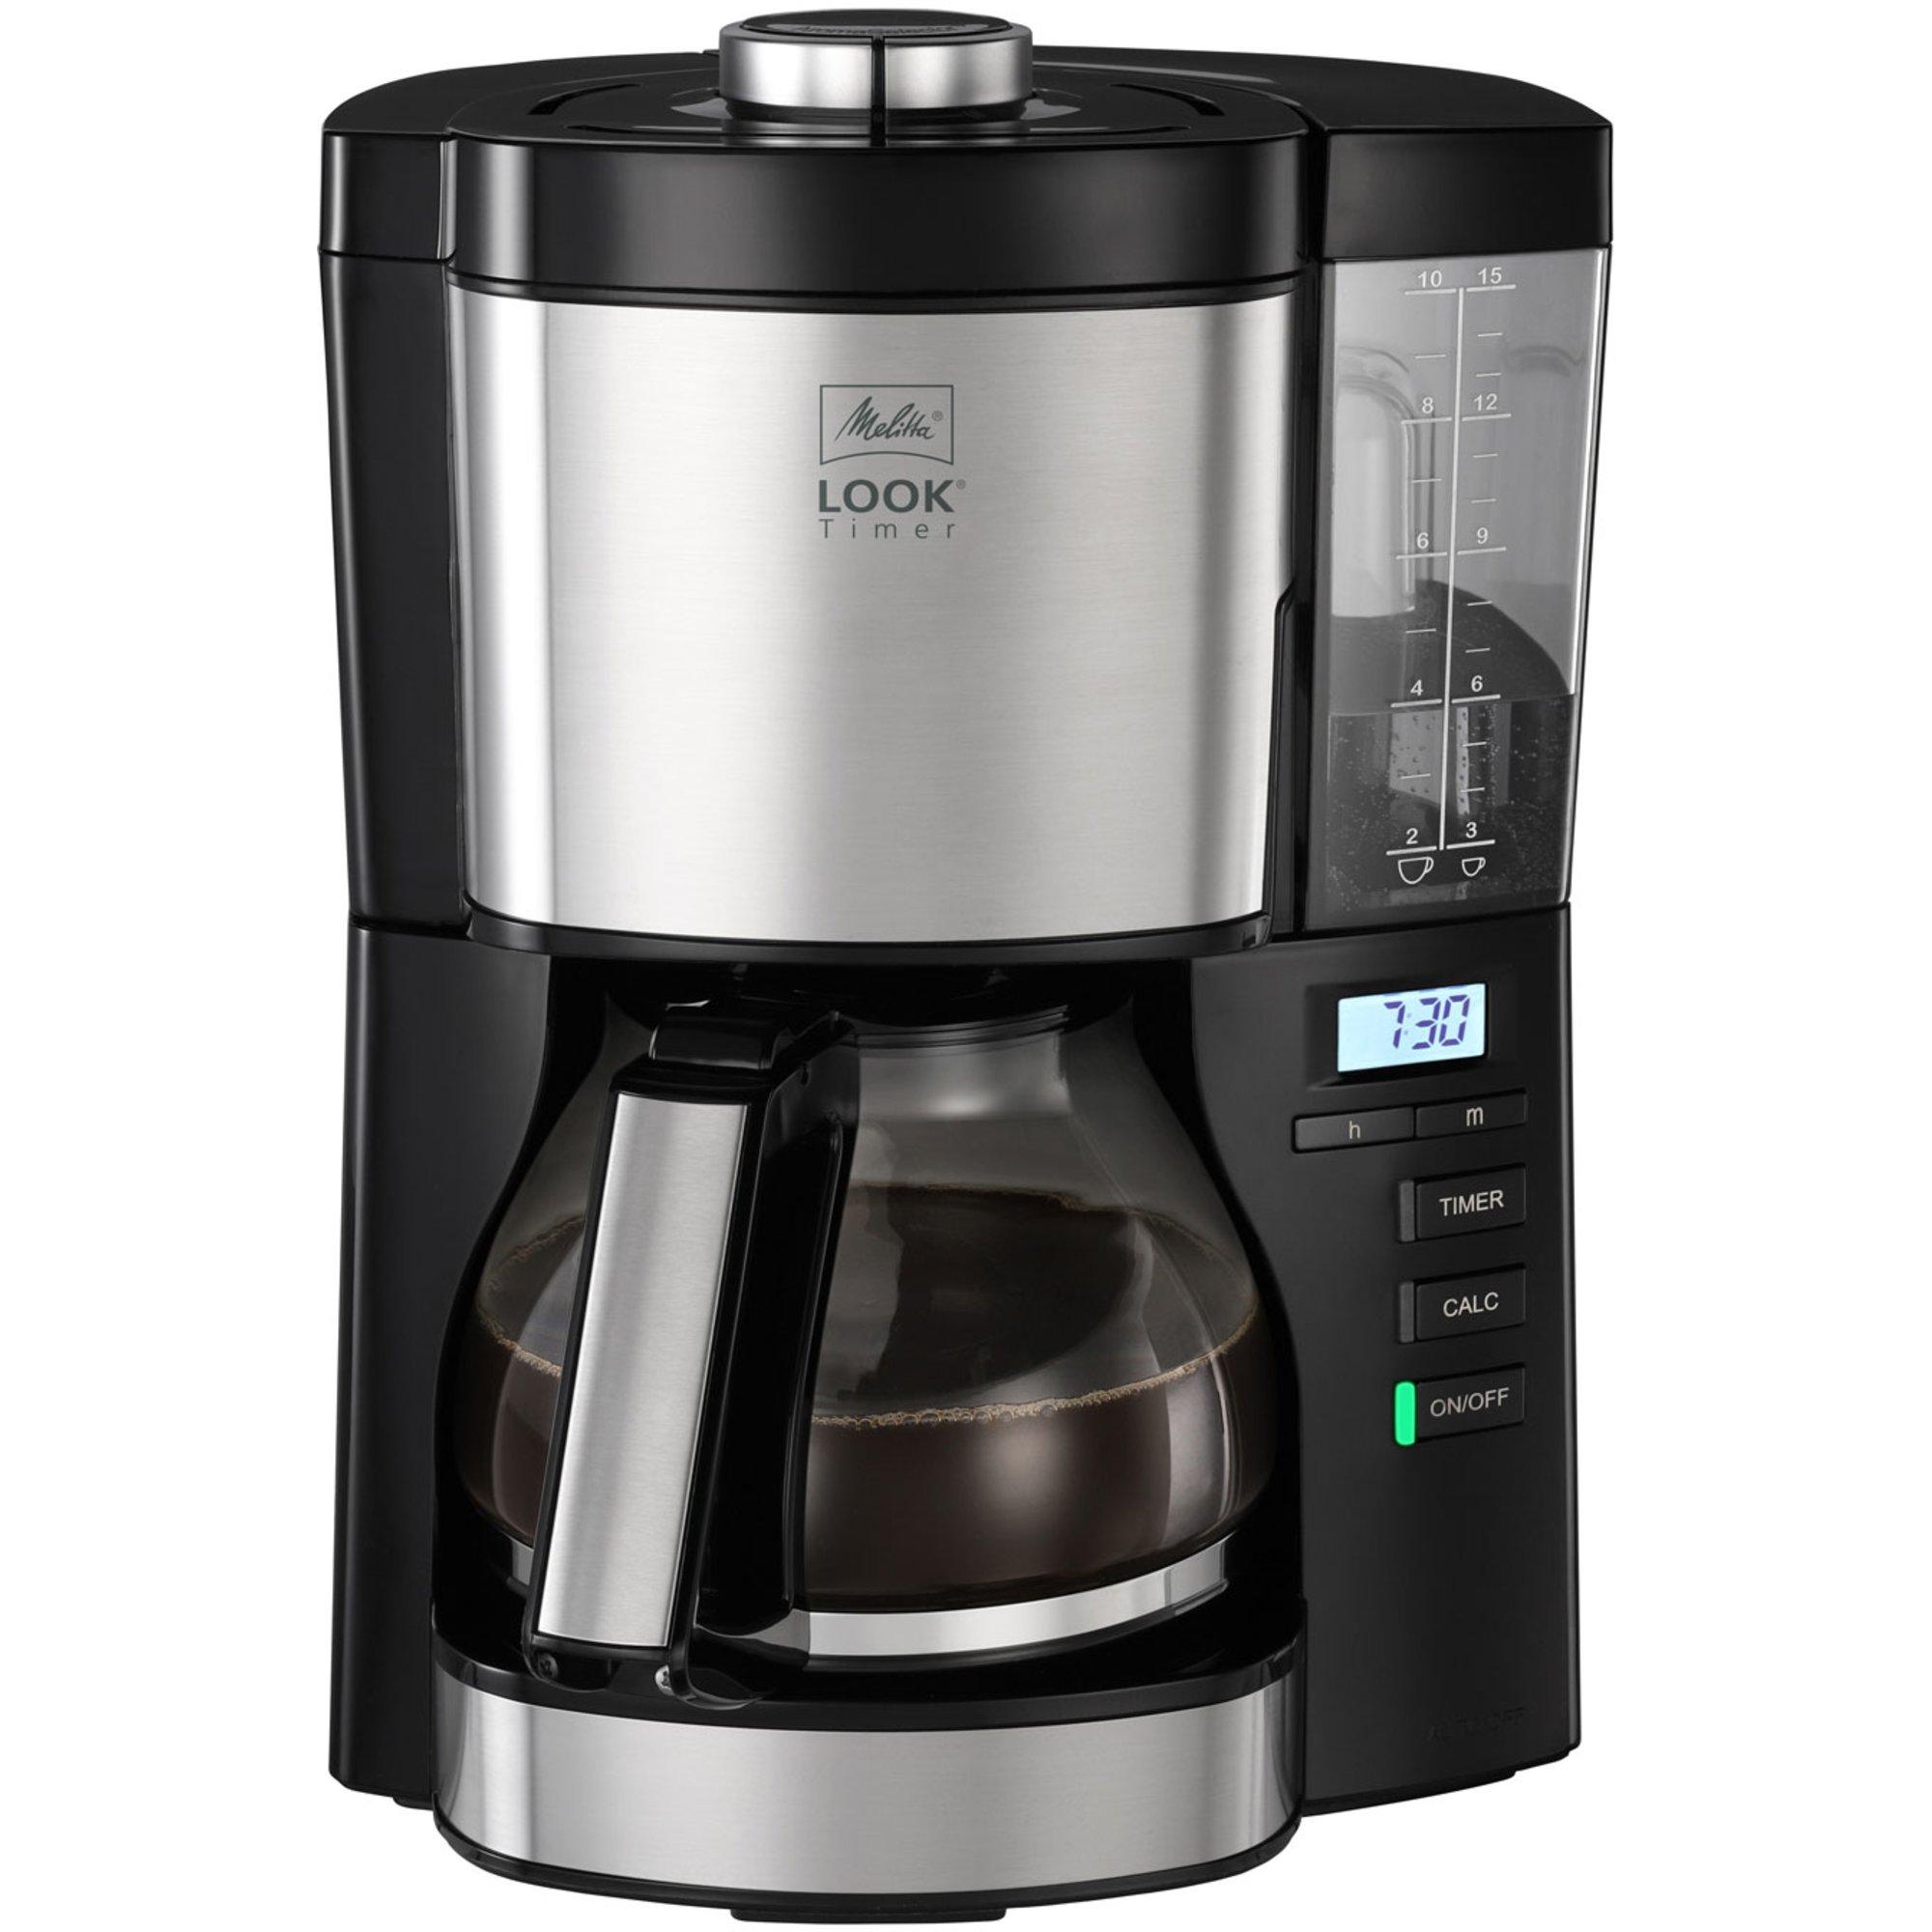 Melitta Look 5.0 timer kaffebryggare